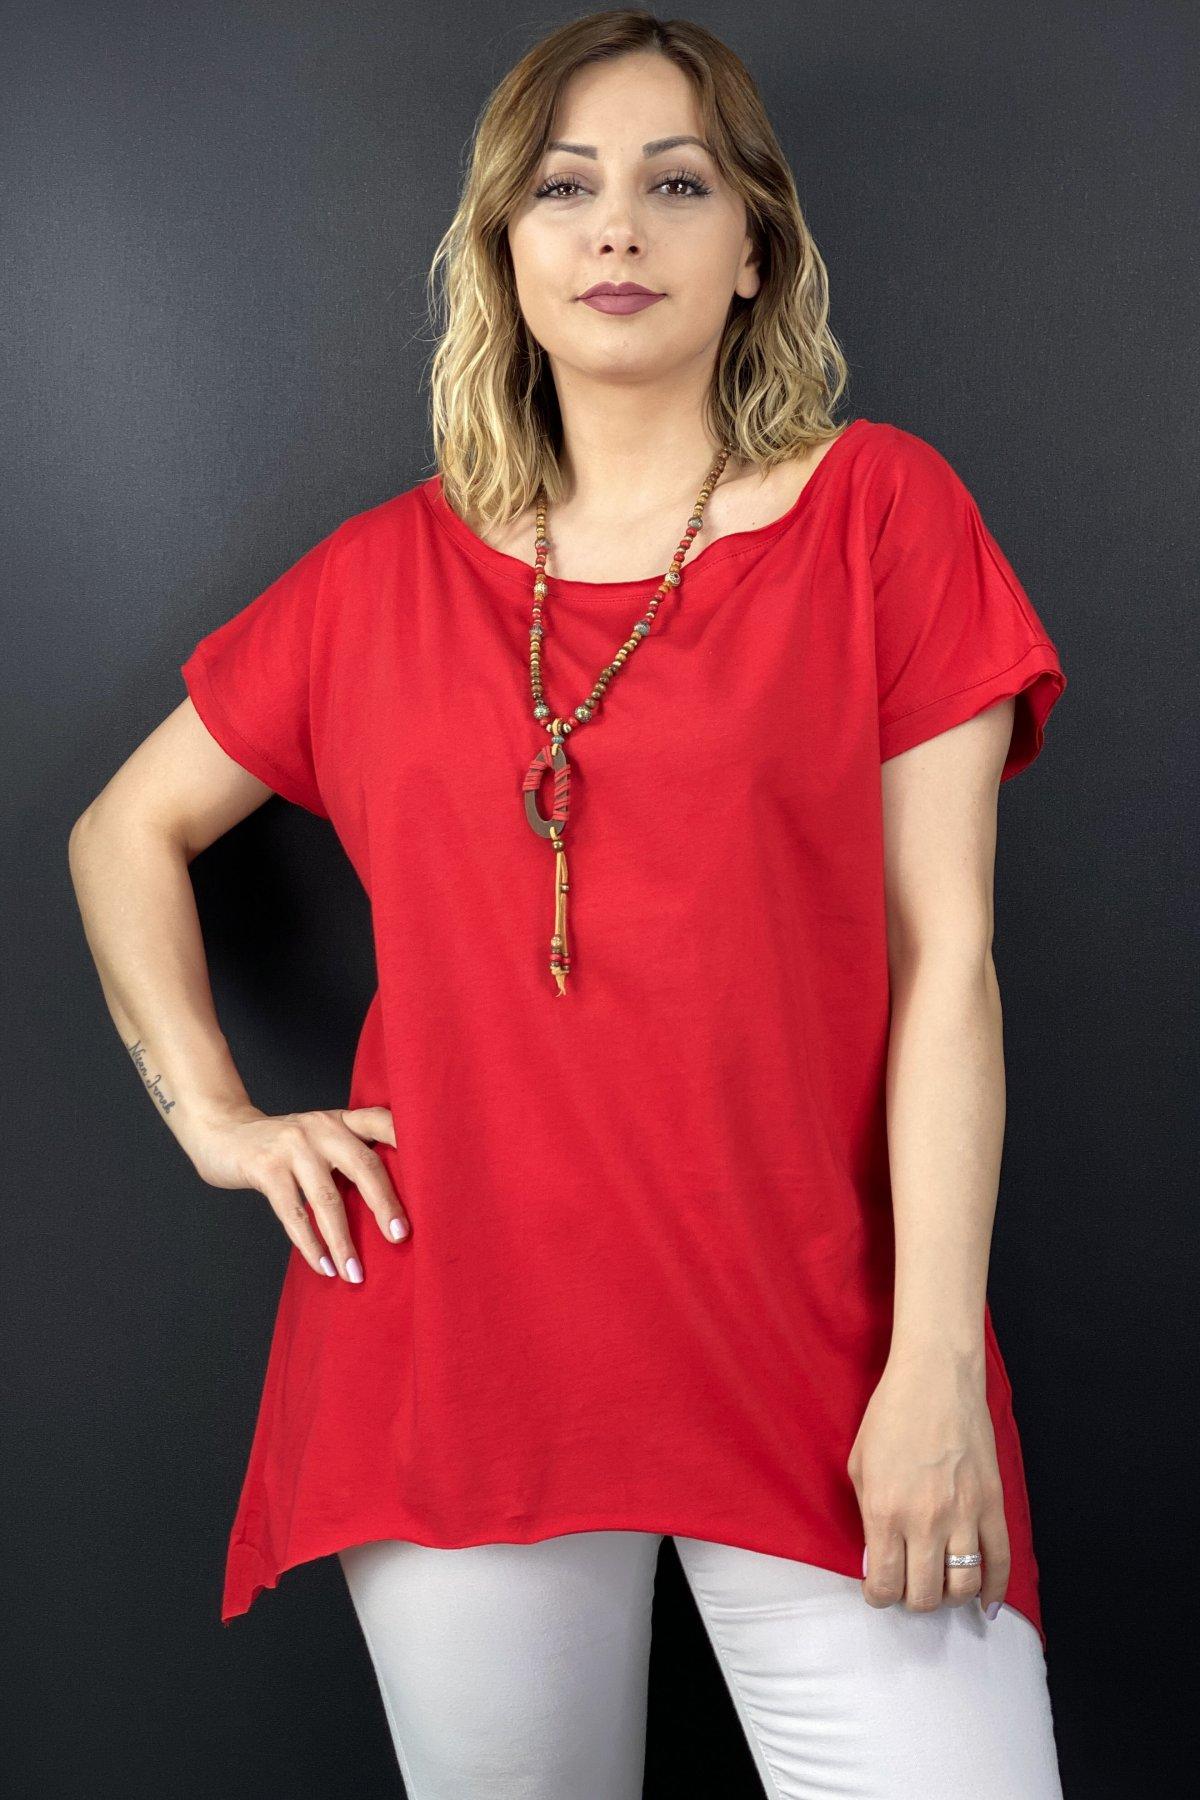 https://resim.chicbag.com.tr/p000497/krz/yakasi-ve-etegi-kesik-etek-ucu-asimetrik-t-shirt-0151342fdce8.jpg